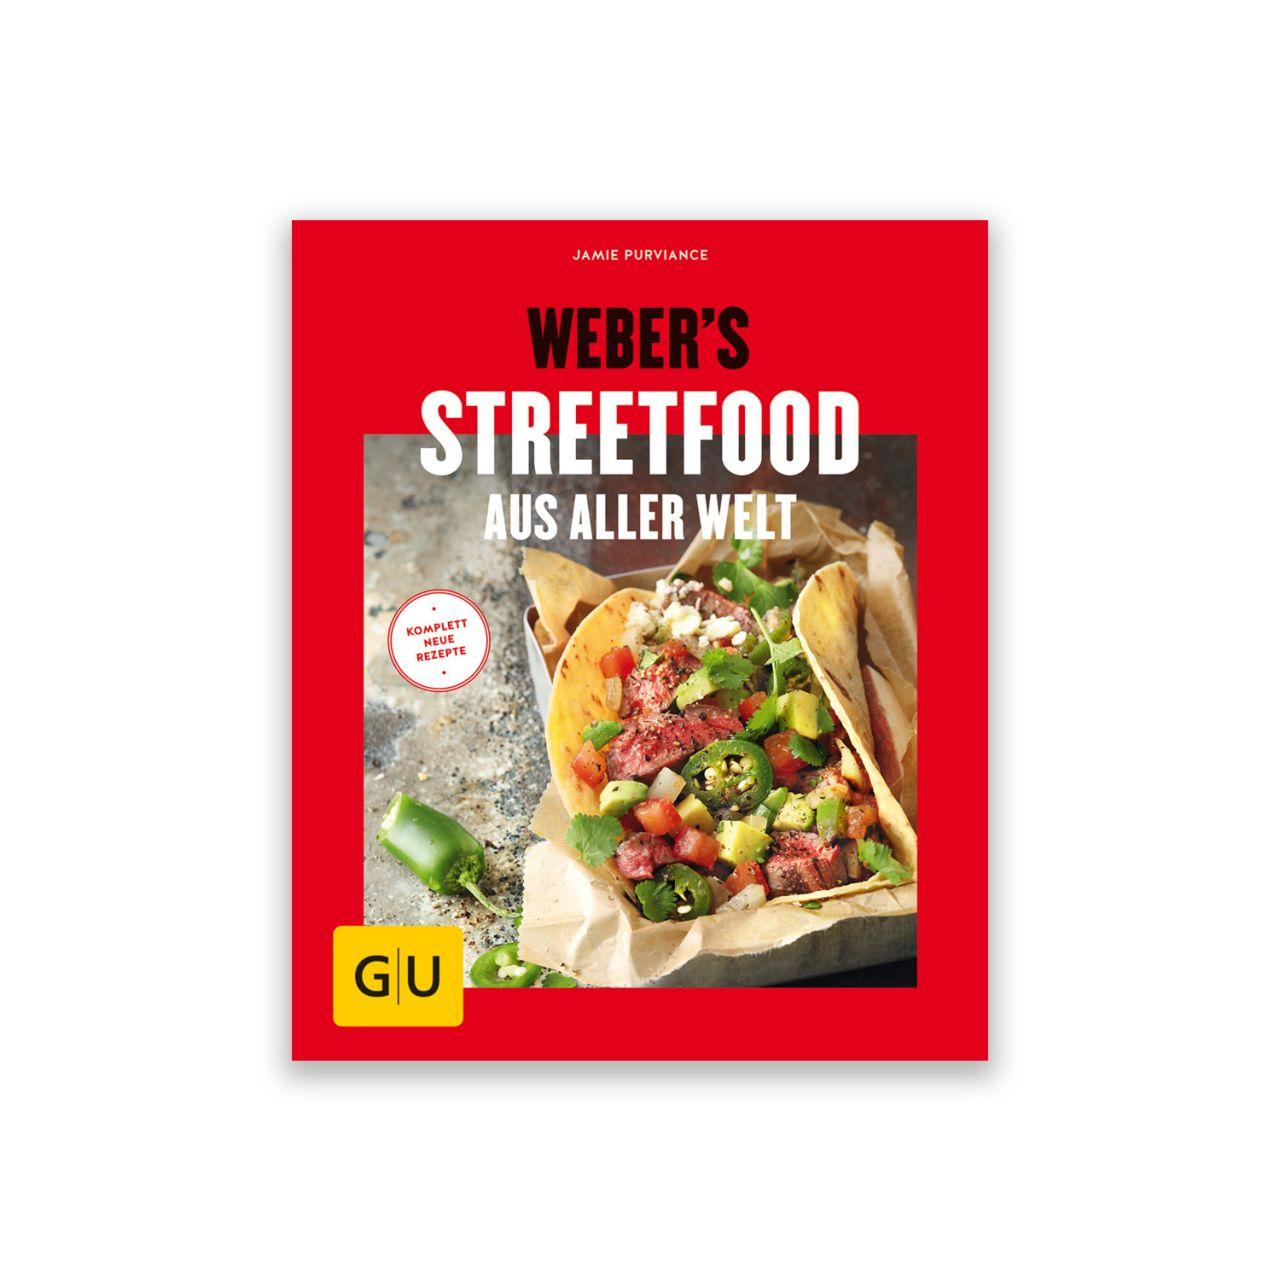 Grillbuch Weber's Streetfood 978-3-8338-6536-7